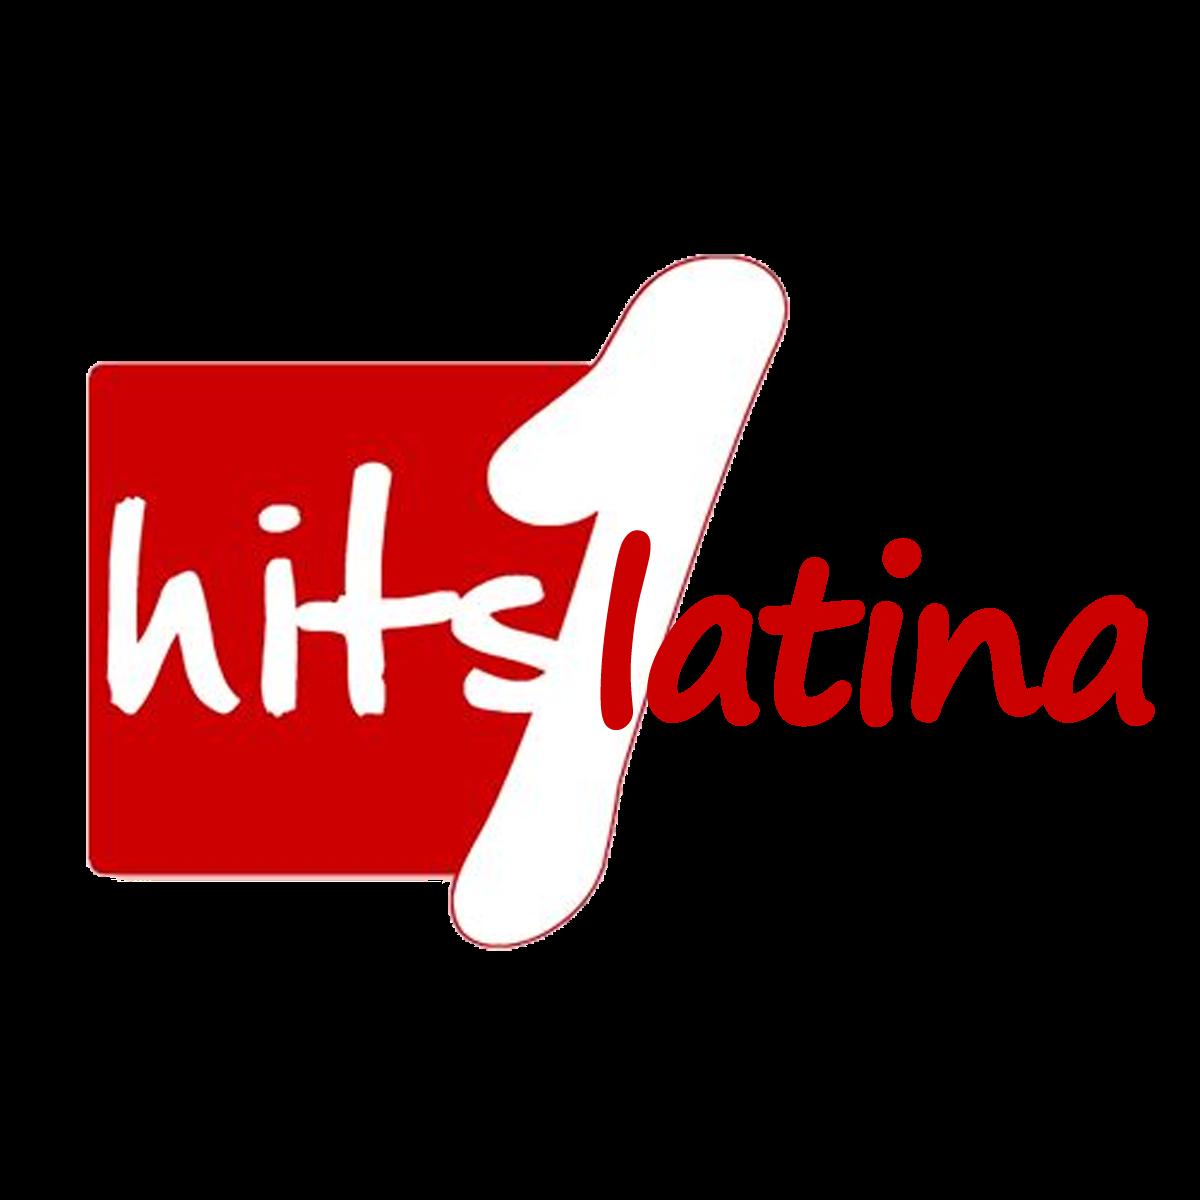 HITS latina